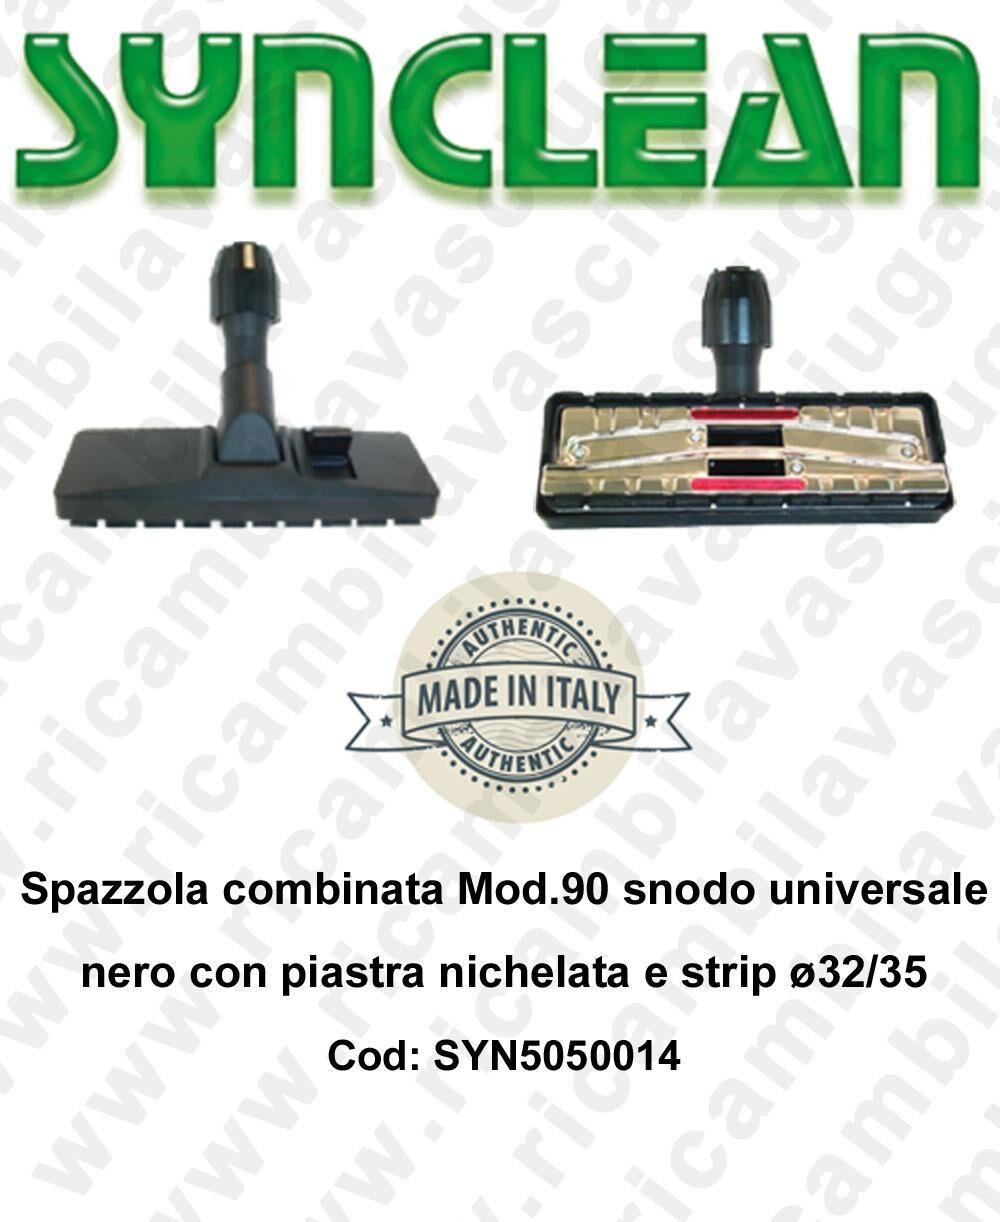 synclean spazzola combinata mod.90 snodo universale nero con piastra nichelata e strip ø32/35 mod: syn5050014